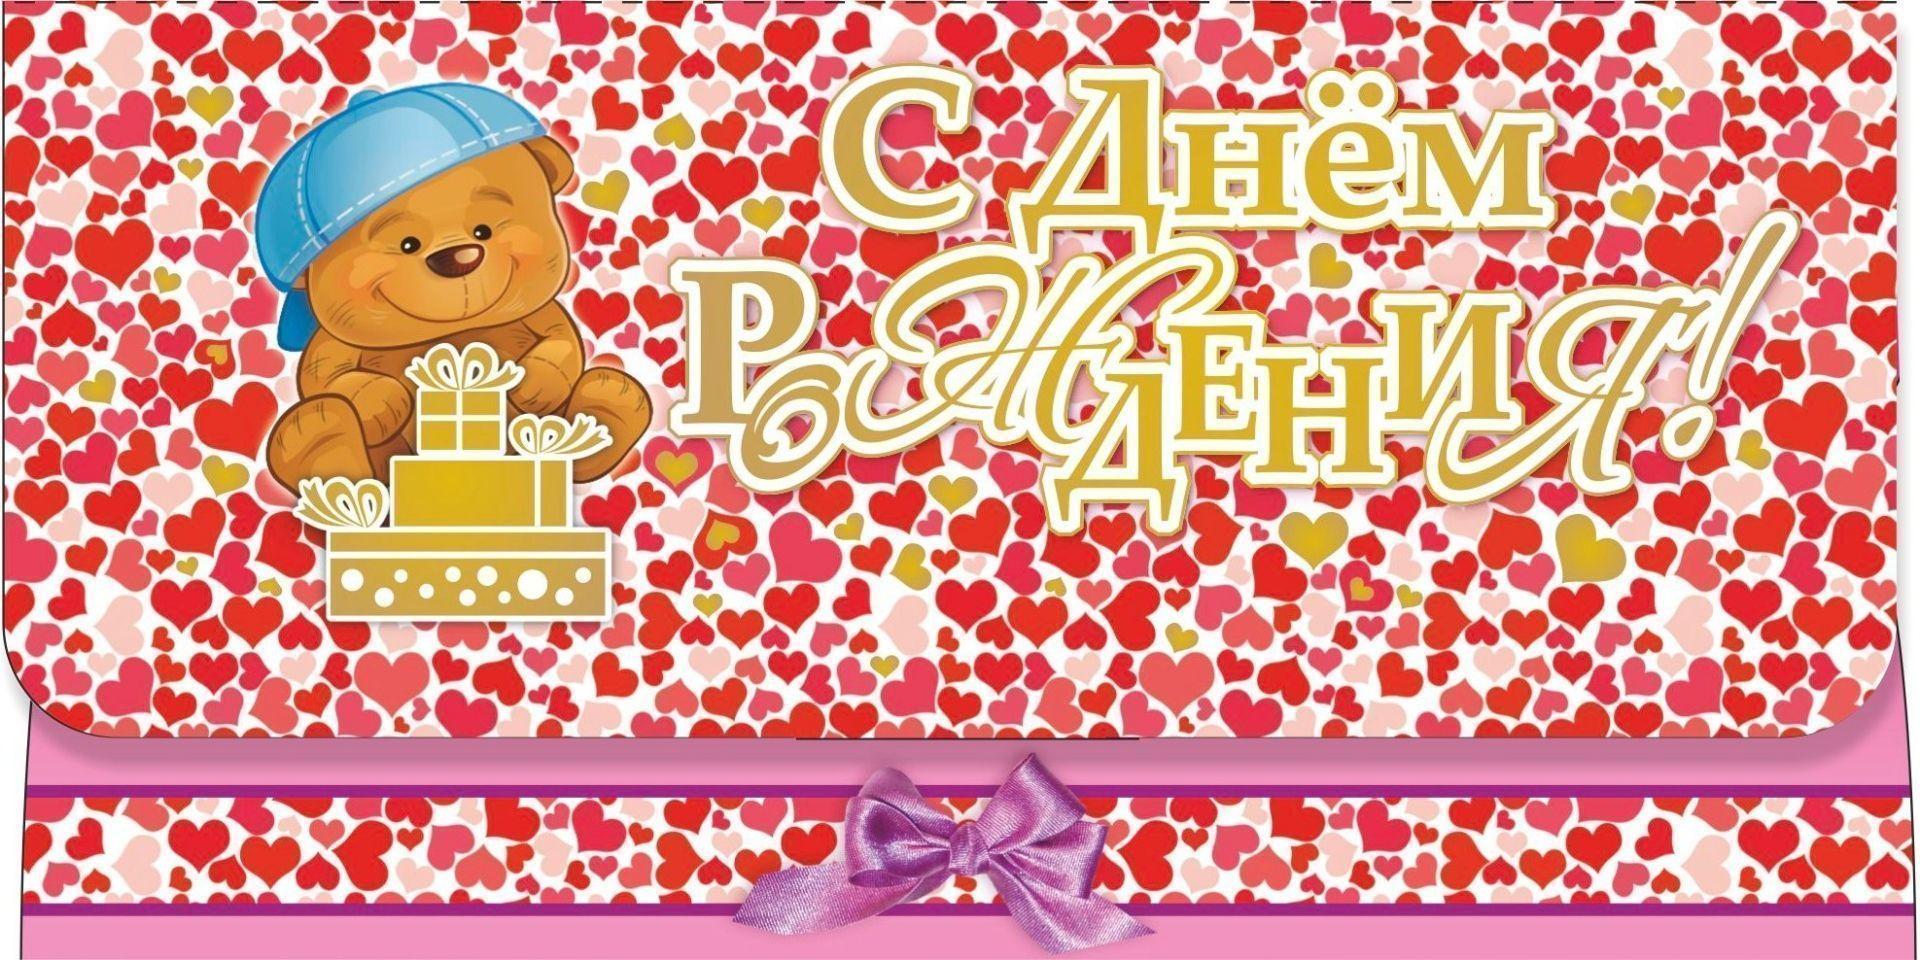 Открытка-конверт для денег С днём рождения! (мишка с подарками, сердечки)Конверты для денег<br>Невозможно представить нашу жизнь без праздников! Мы всегда ждём их, обдумываем, как проведём этот день, тщательно выбираем подарки. Конверт для денег - это отличный выбор и полезный подарок!<br><br>Год: 2018<br>Серия: Открытка-конверт для денег<br>Высота: 85<br>Ширина: 165<br>Толщина: 1.5<br>Переплёт: открытка-конверт